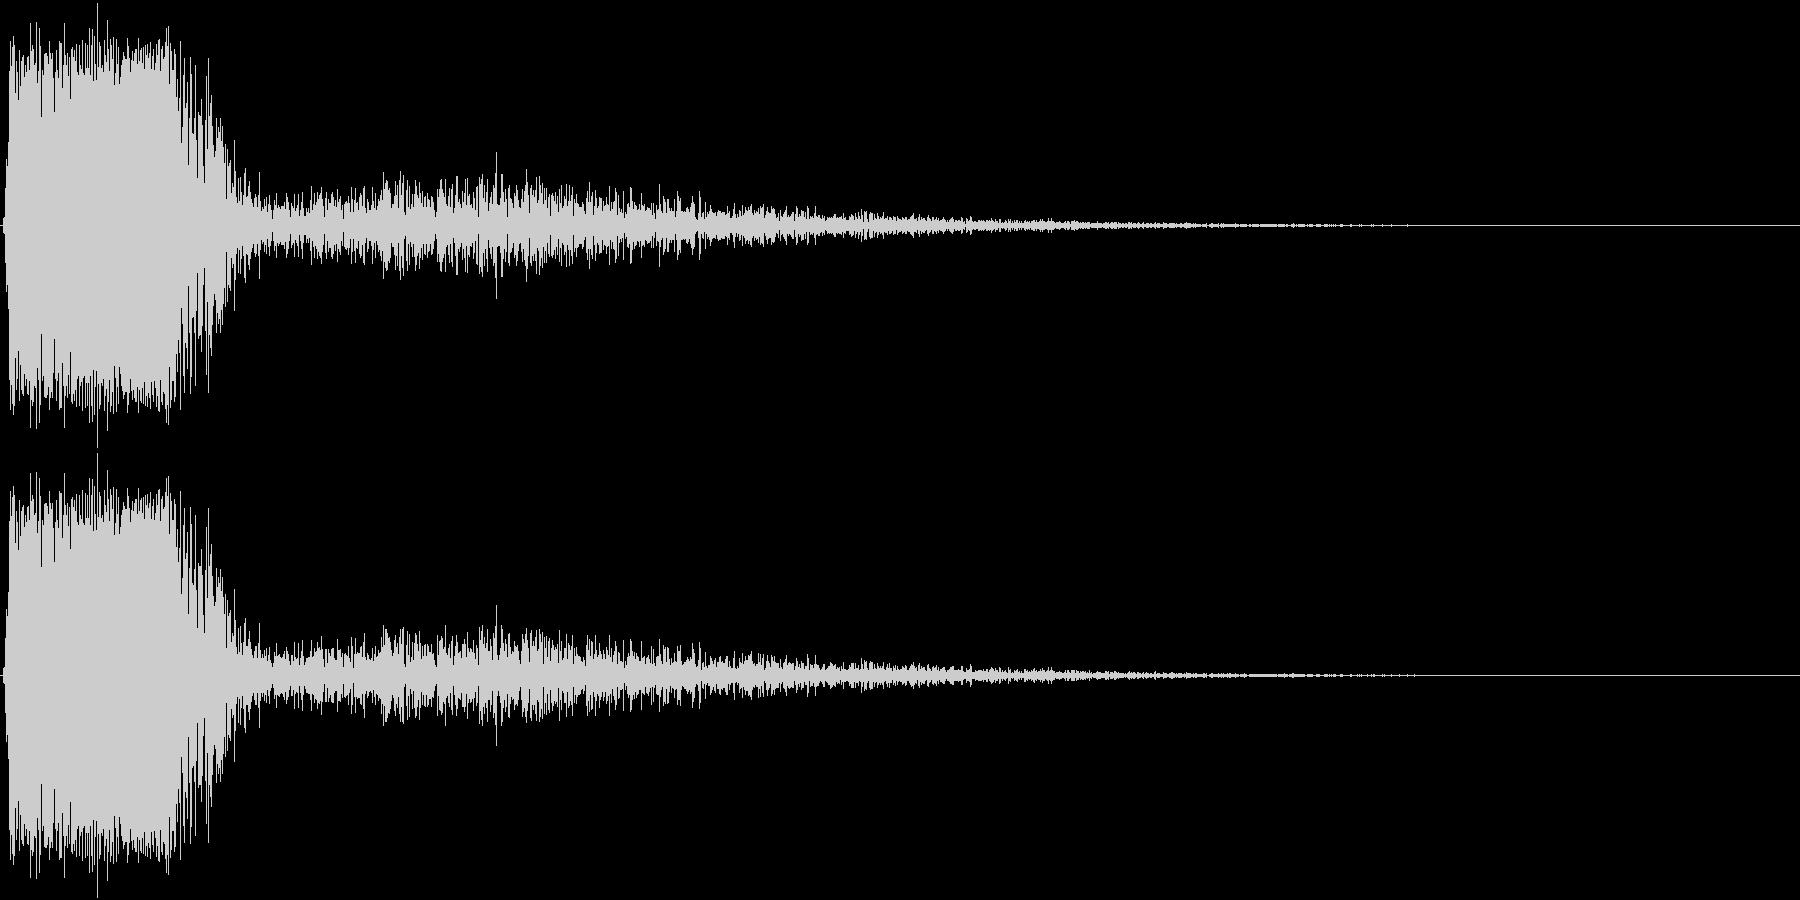 KAKUGE 格闘ゲーム戦闘音 59の未再生の波形